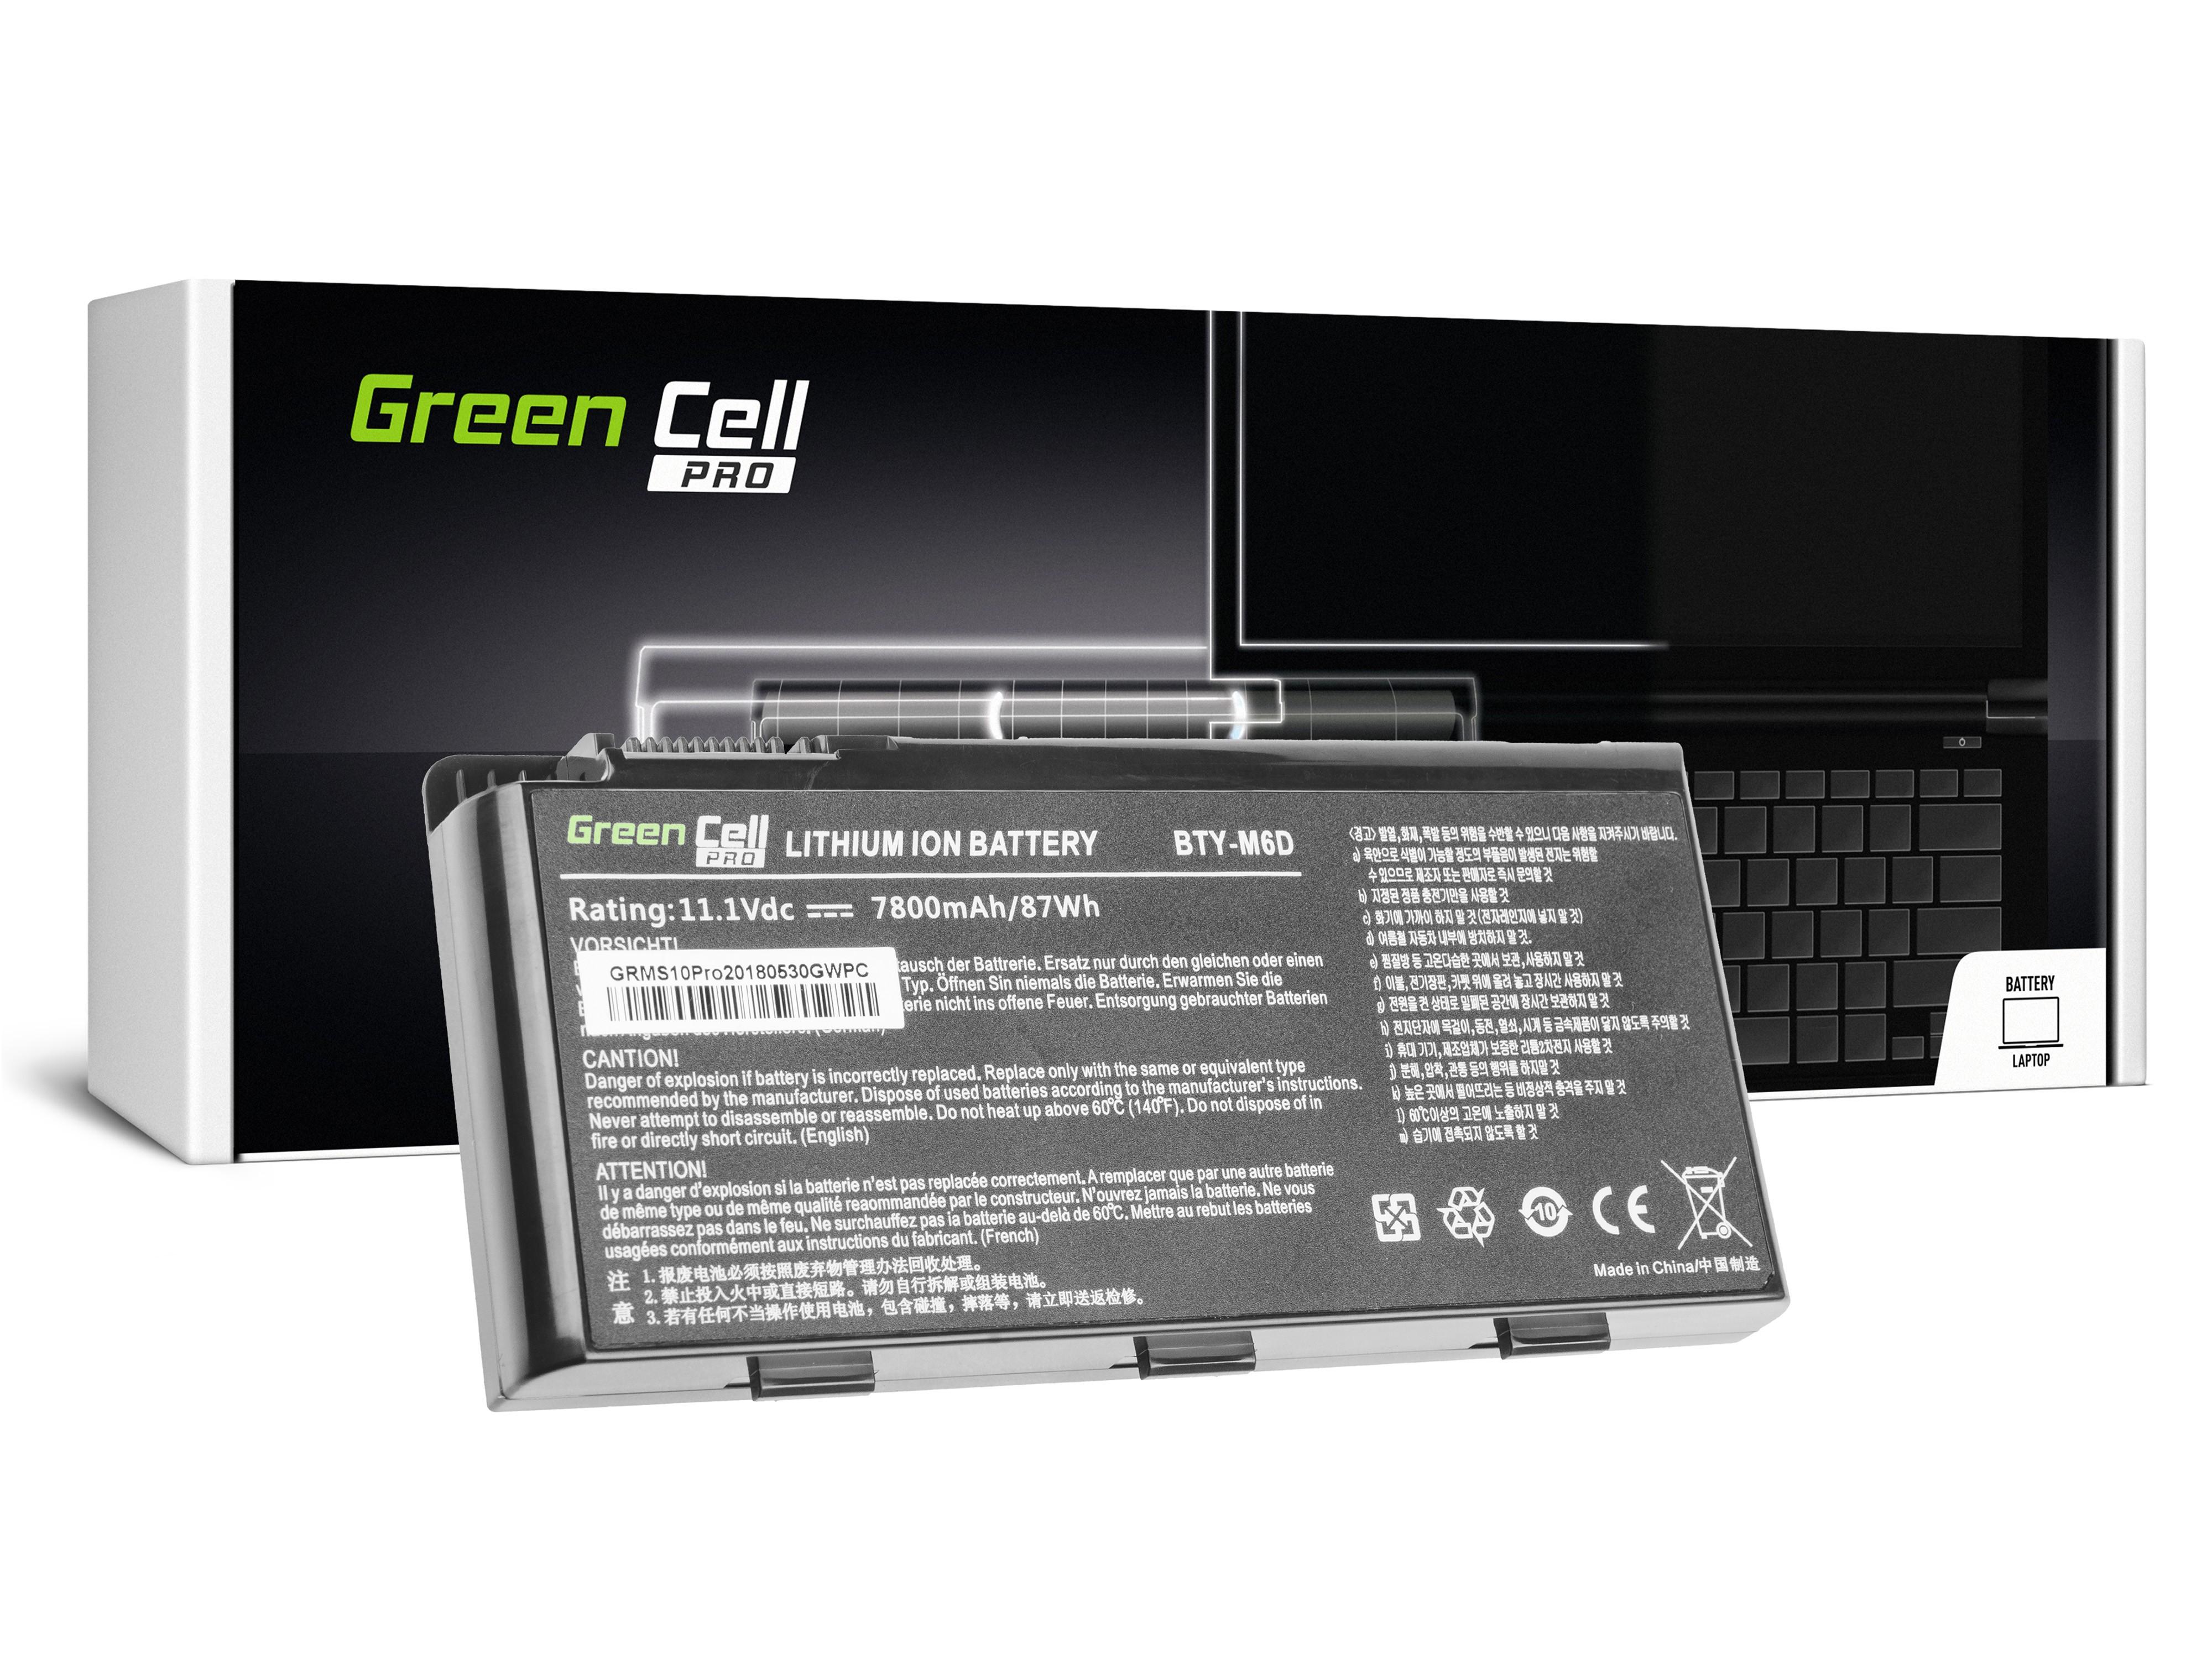 Green Cell PRO Batteri för MSI GT60 GT70 GT660 GT680 GT683 GT780 GT783 GX660 GX680 GX780 / 11,1V 6600mAh